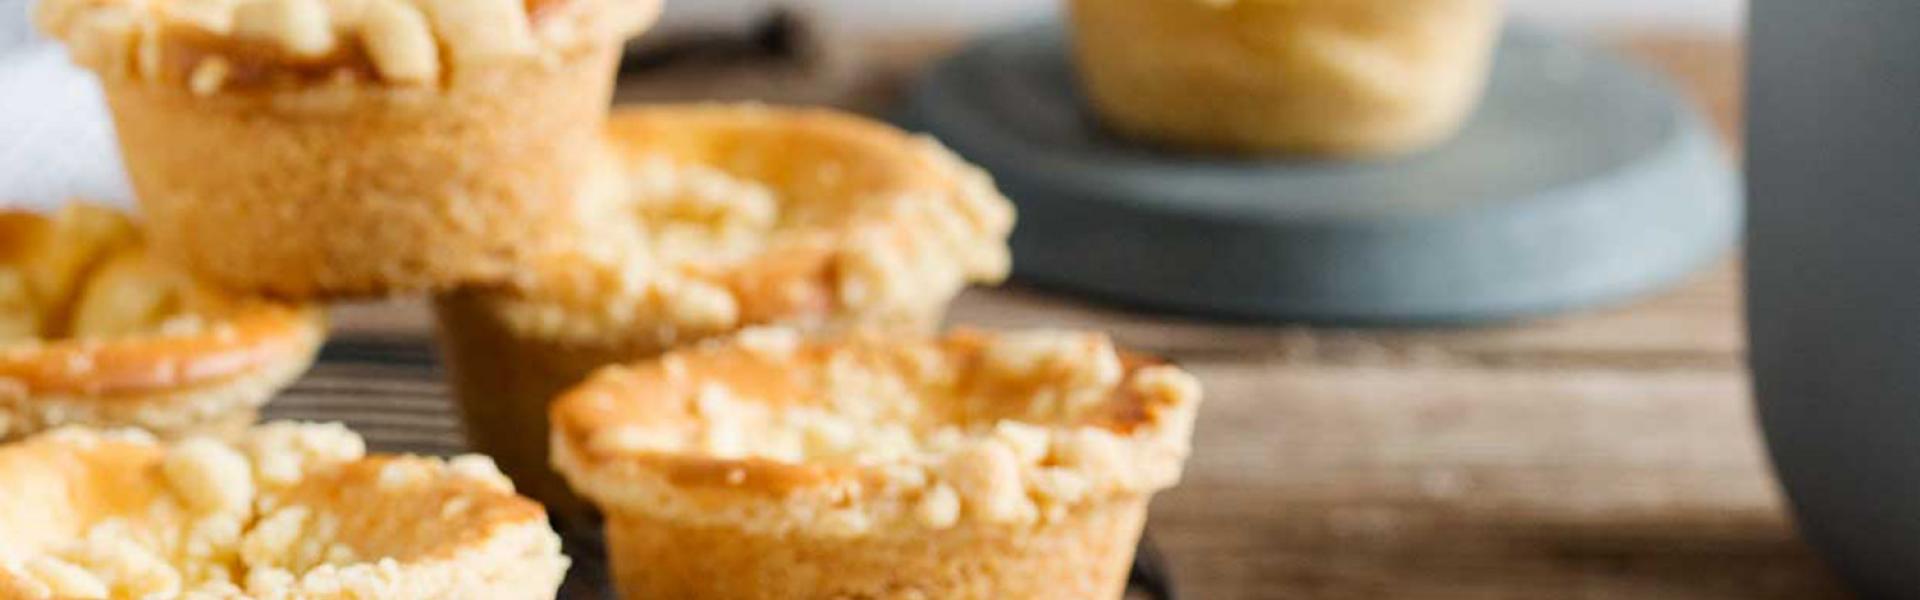 Mehrere Käsekuchemuffins mit Streuseln stehen auf einem Kuchengitter und auf einem Teller.